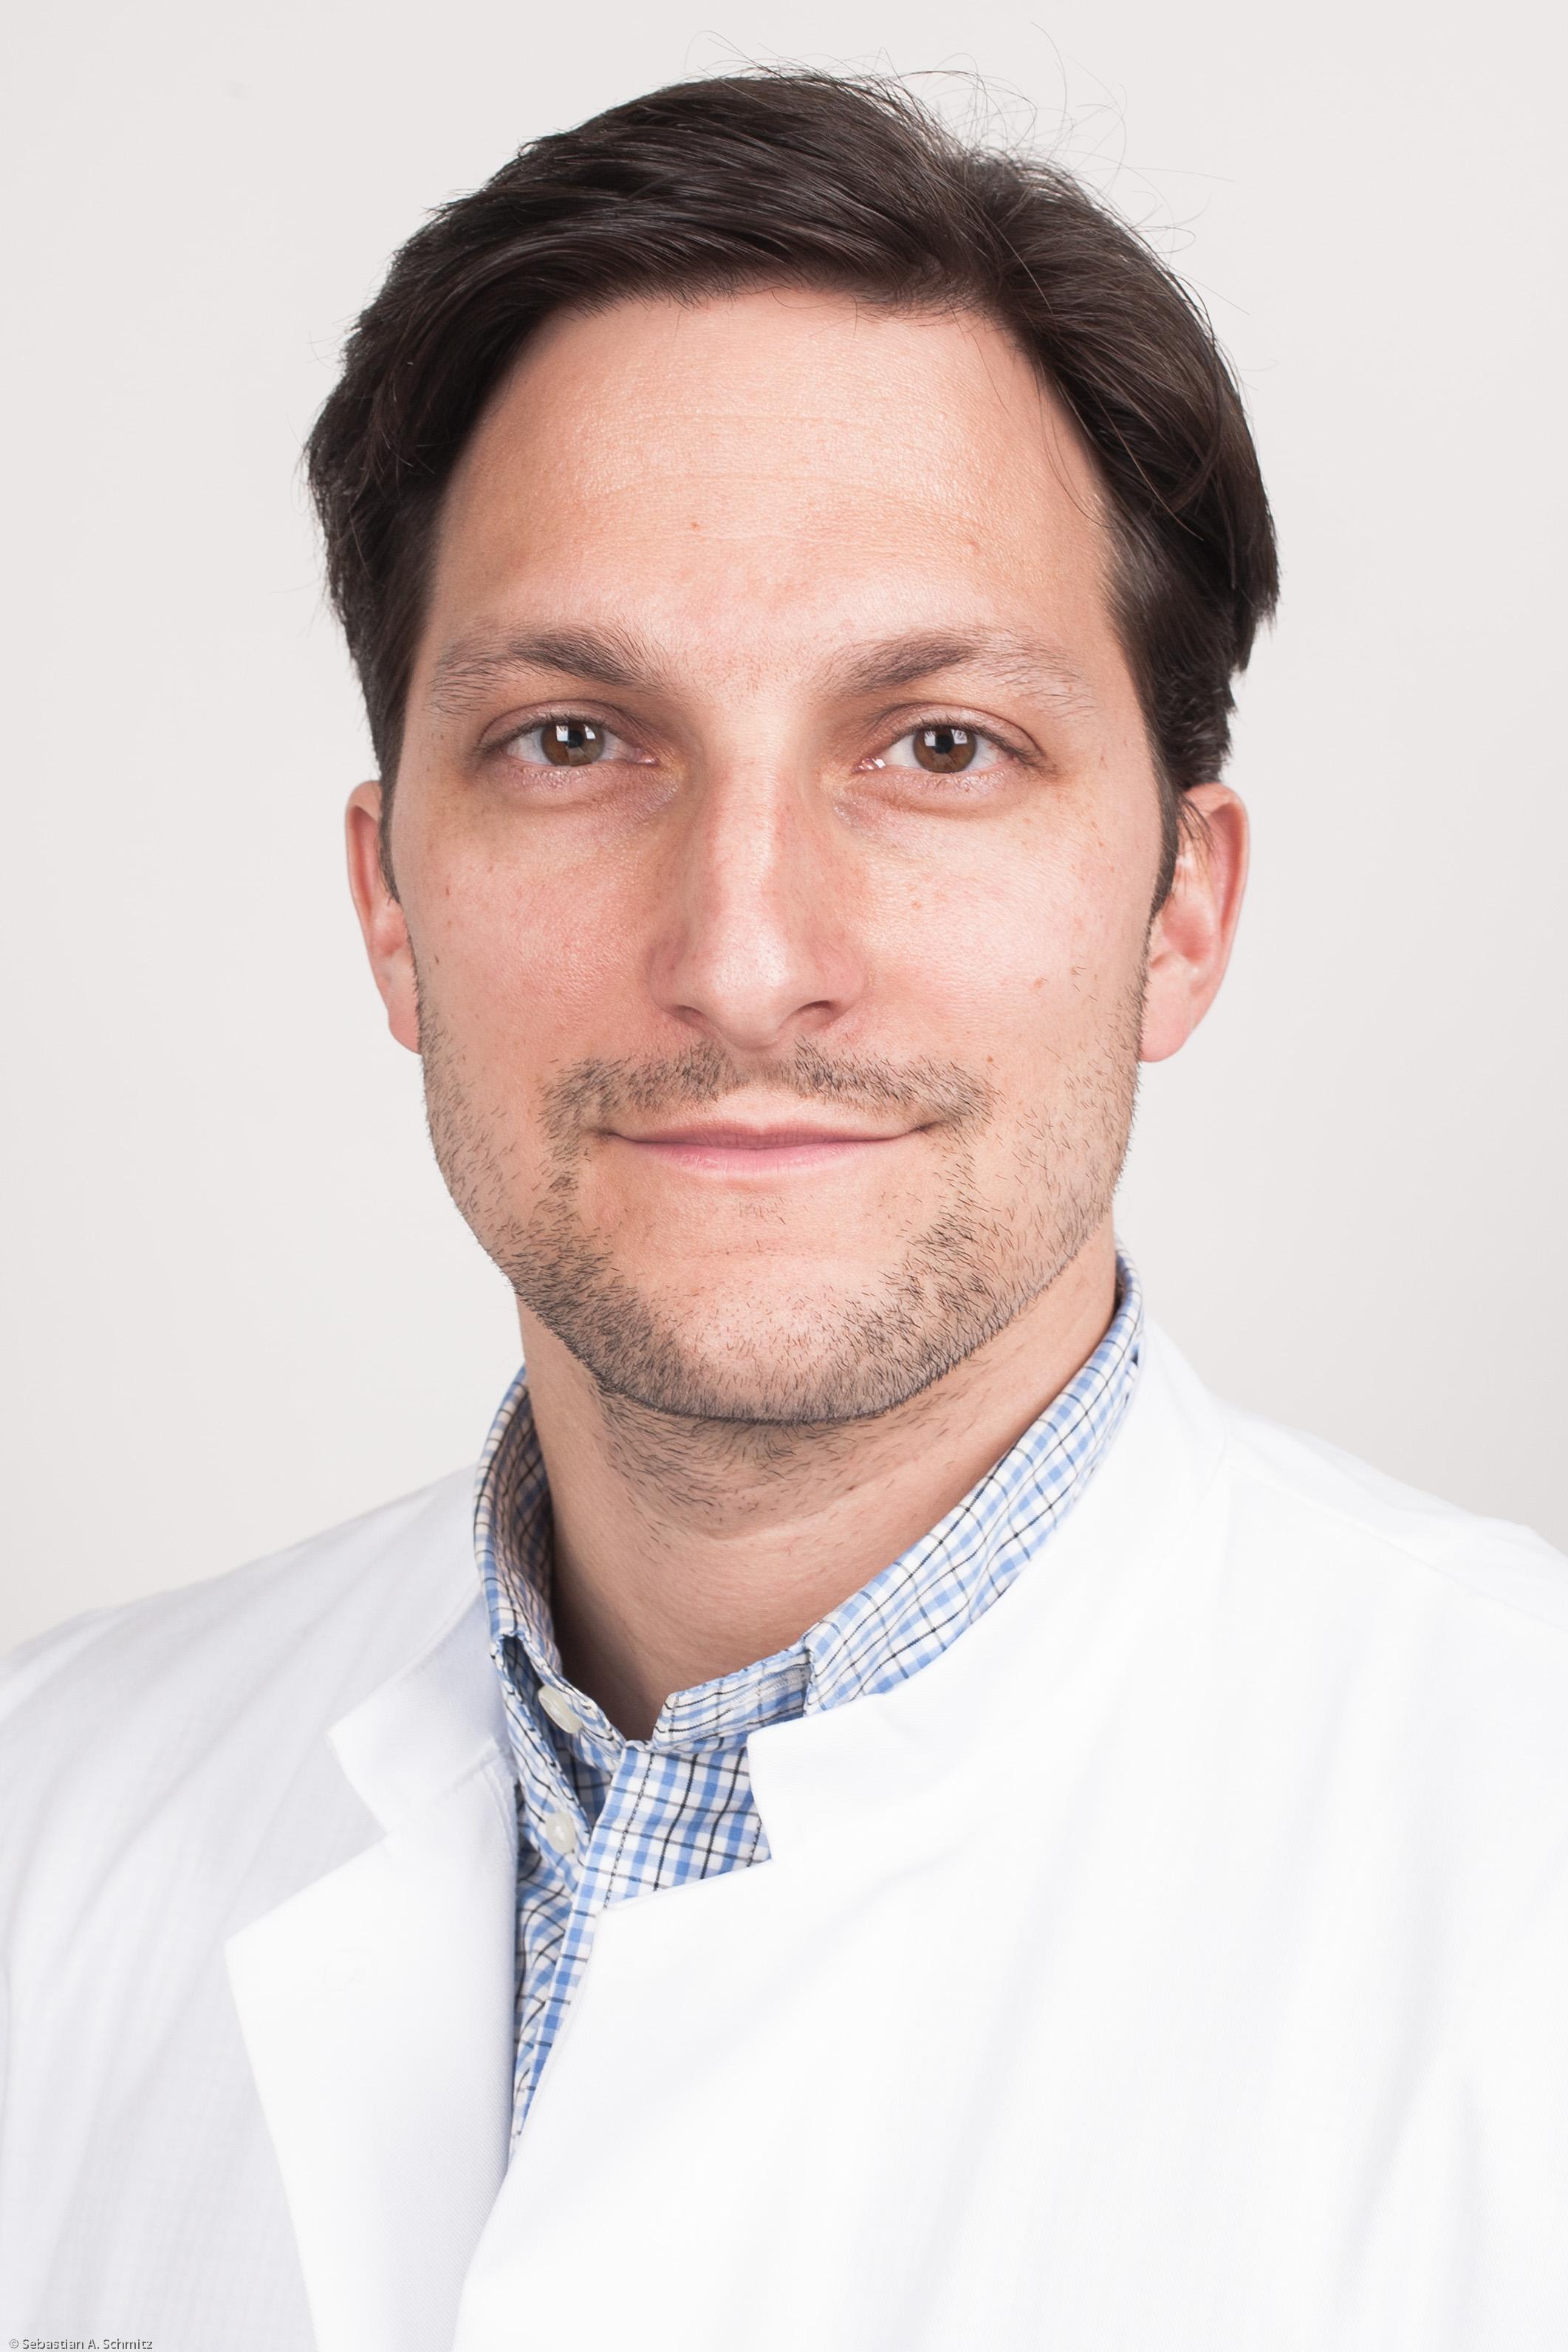 Martin Barsch